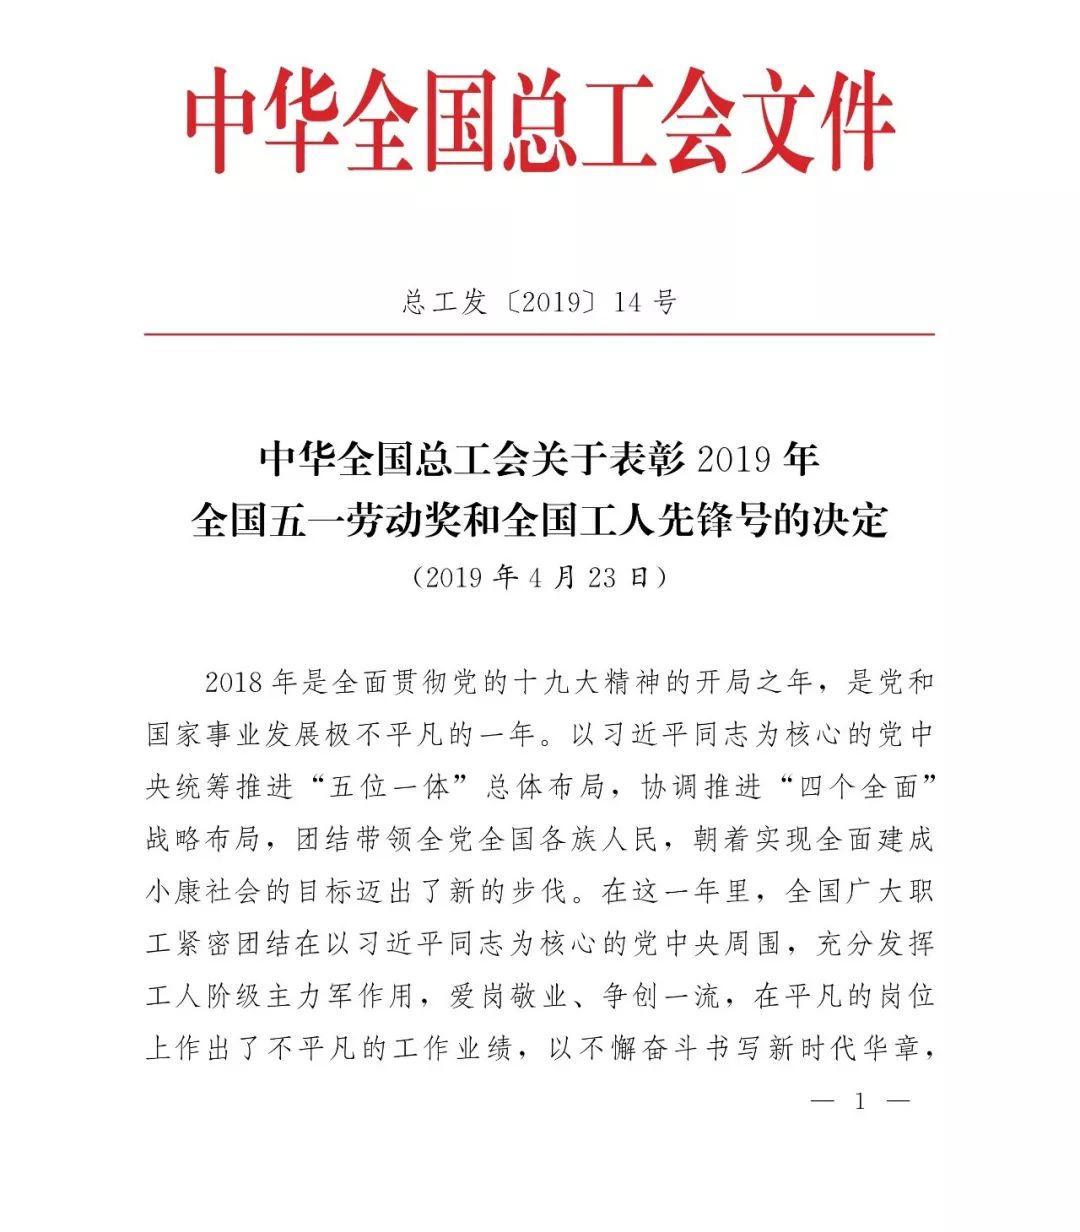 2019年劳动人口_2019年人口与劳动经济系博士研究生入学考试复试补充通知